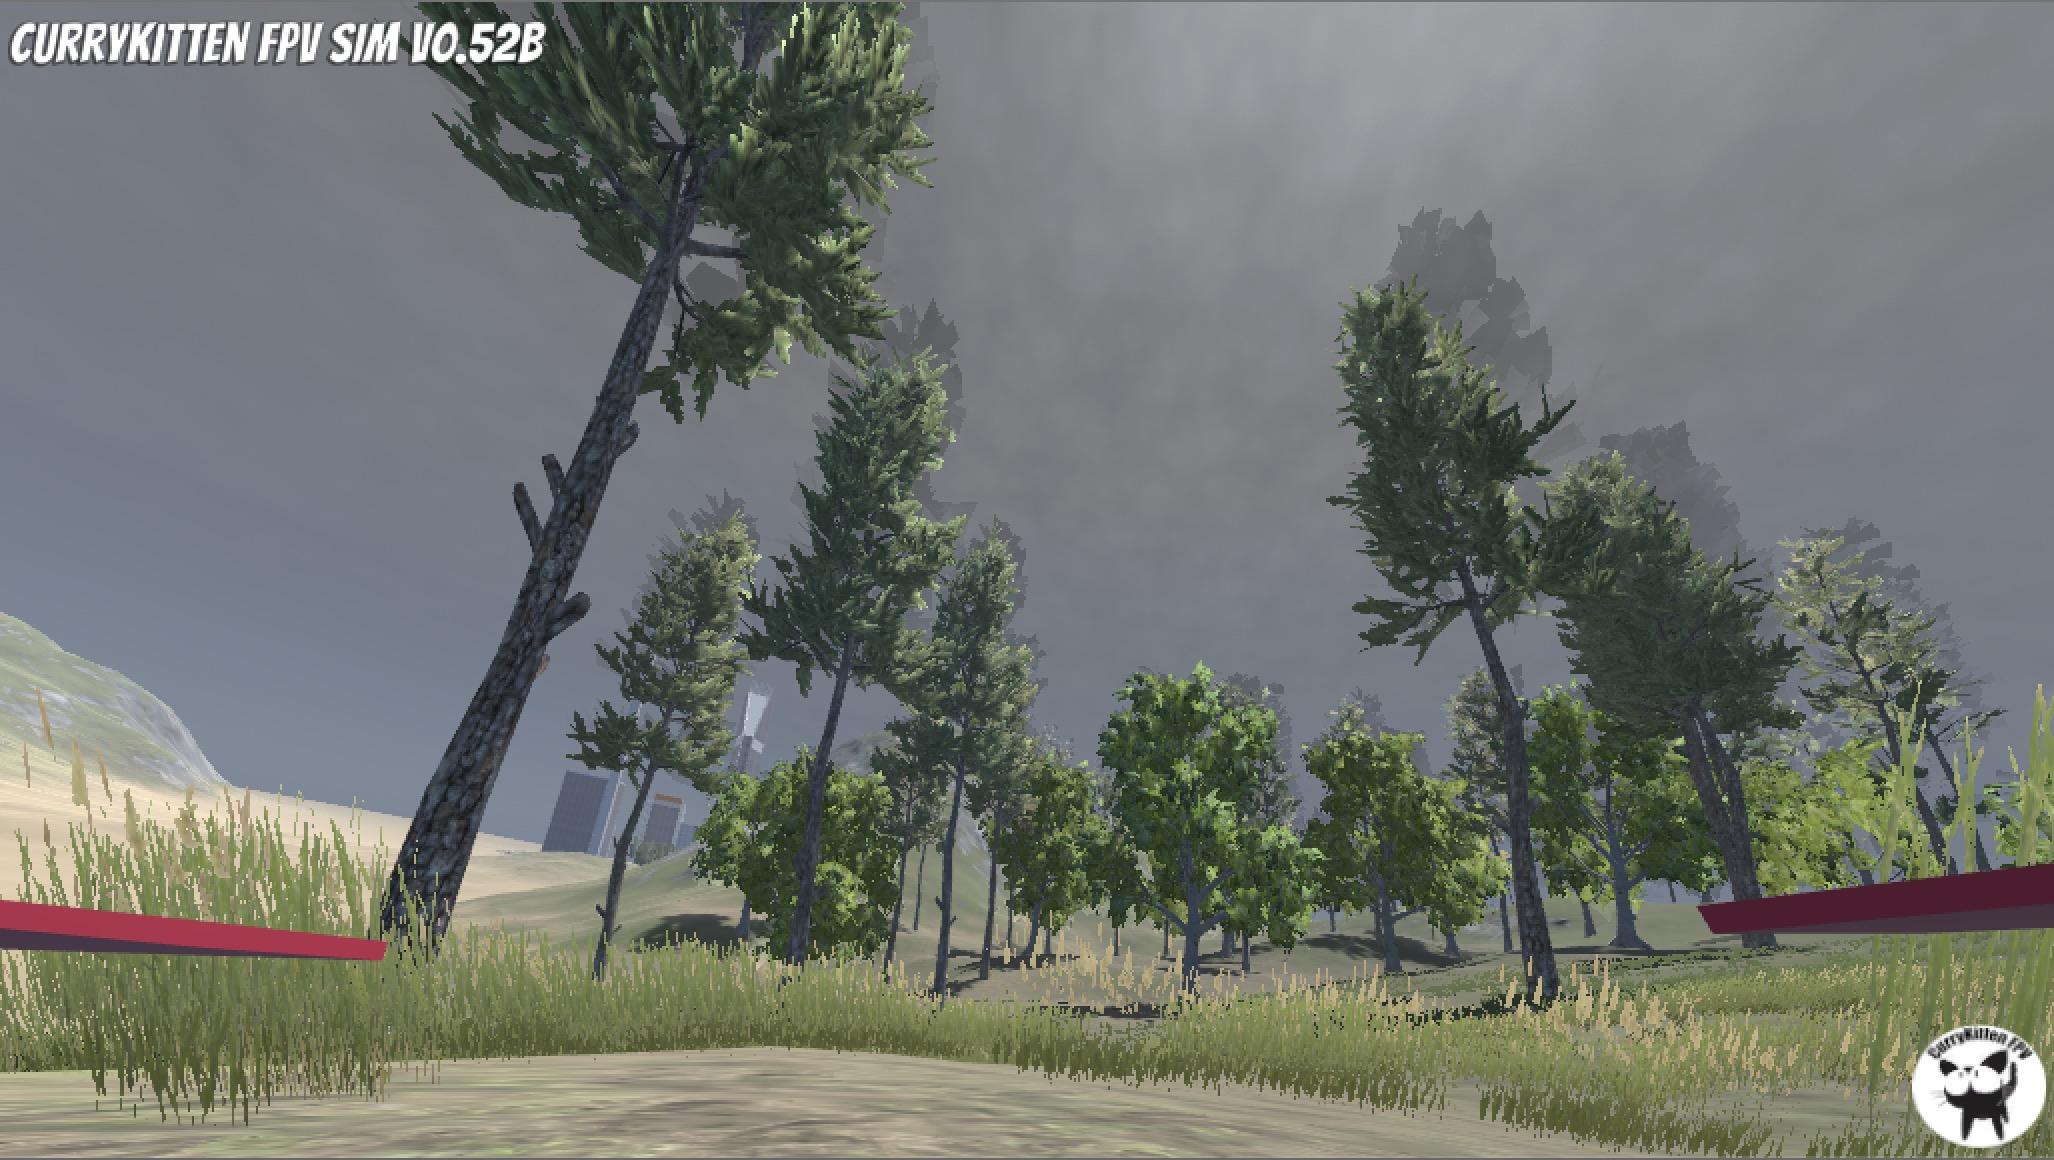 Screenshot 2021-01-12 at 14.35.31.jpg